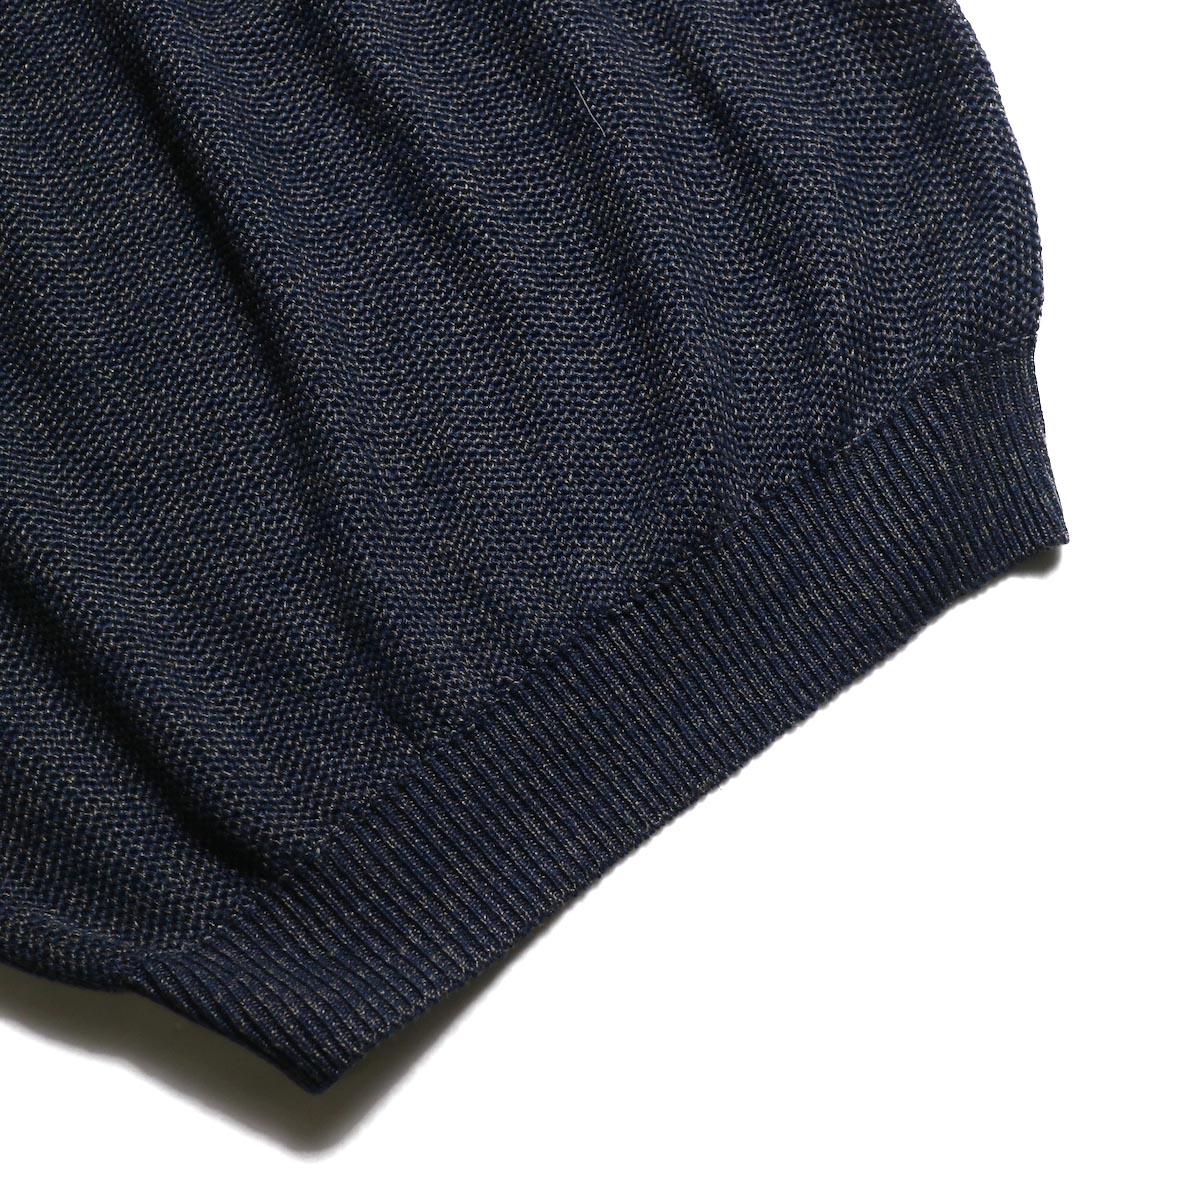 JANE SMITH / Over Vest (Navy Mix)裾